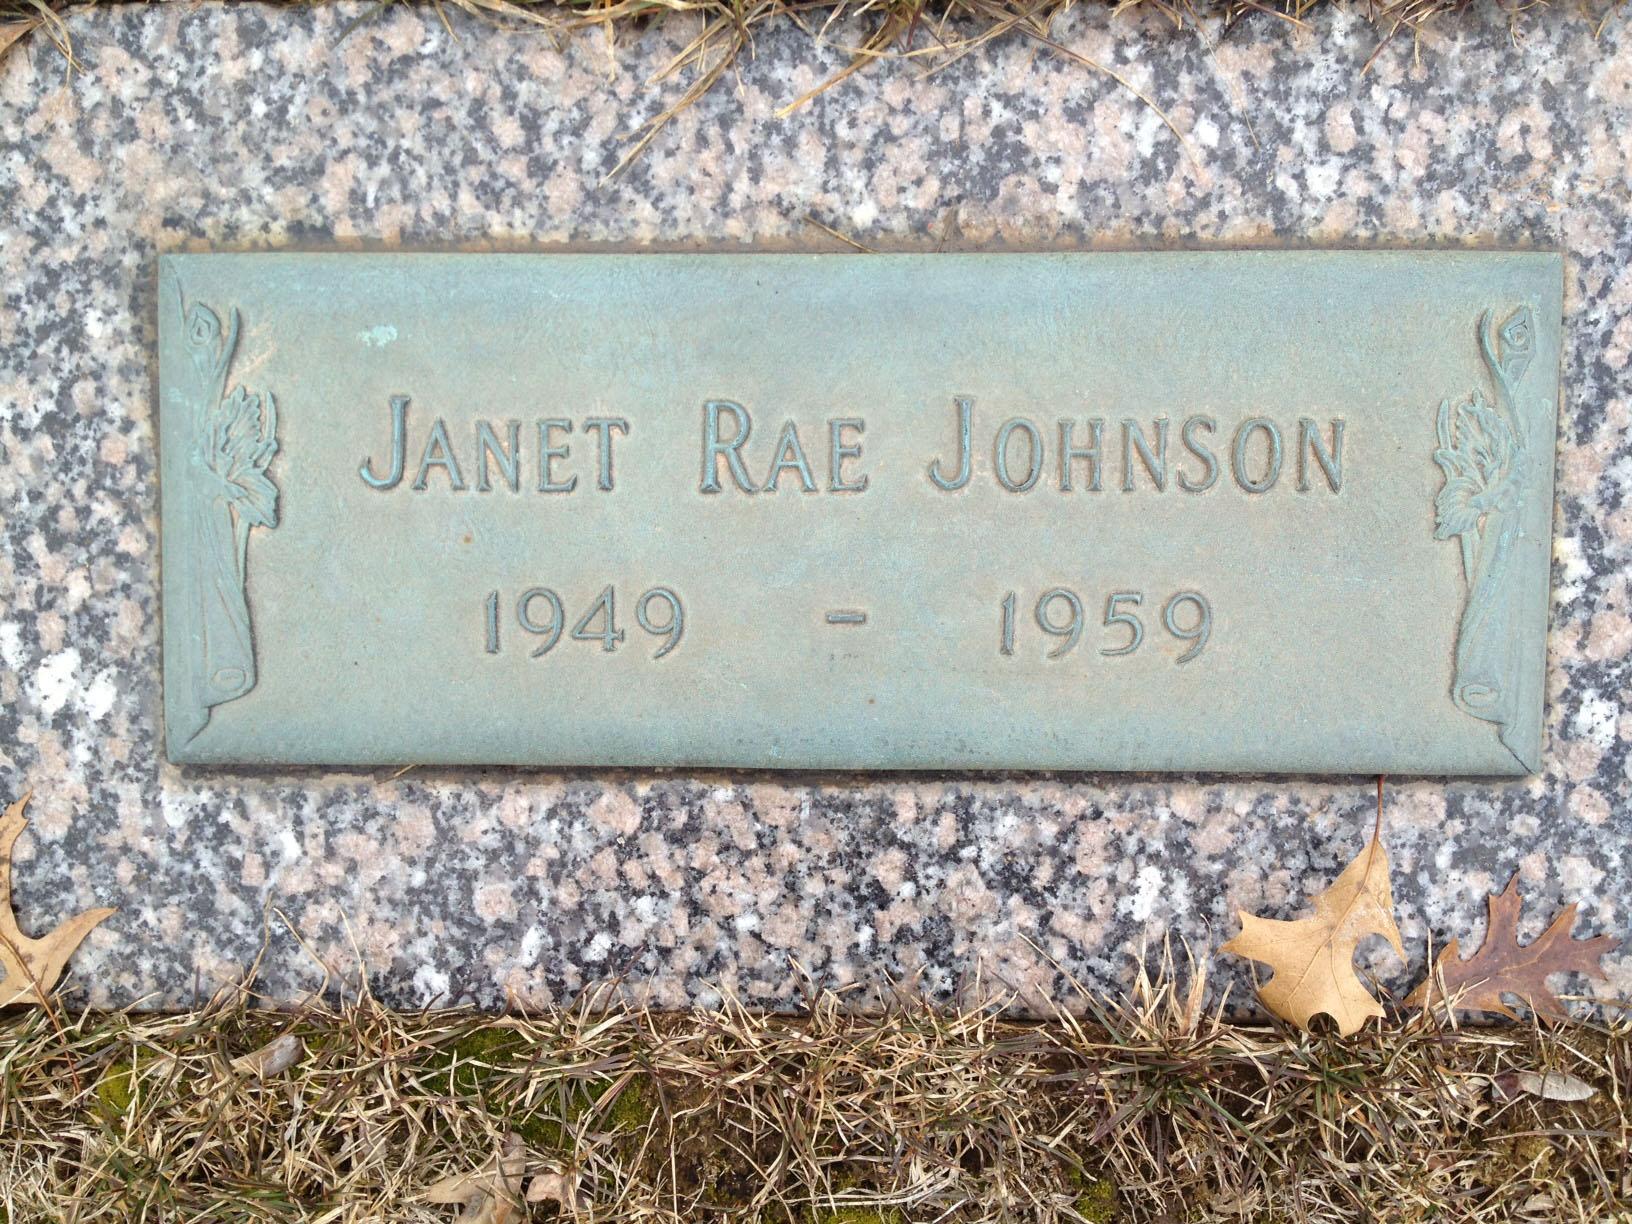 Janet Rae Johnson